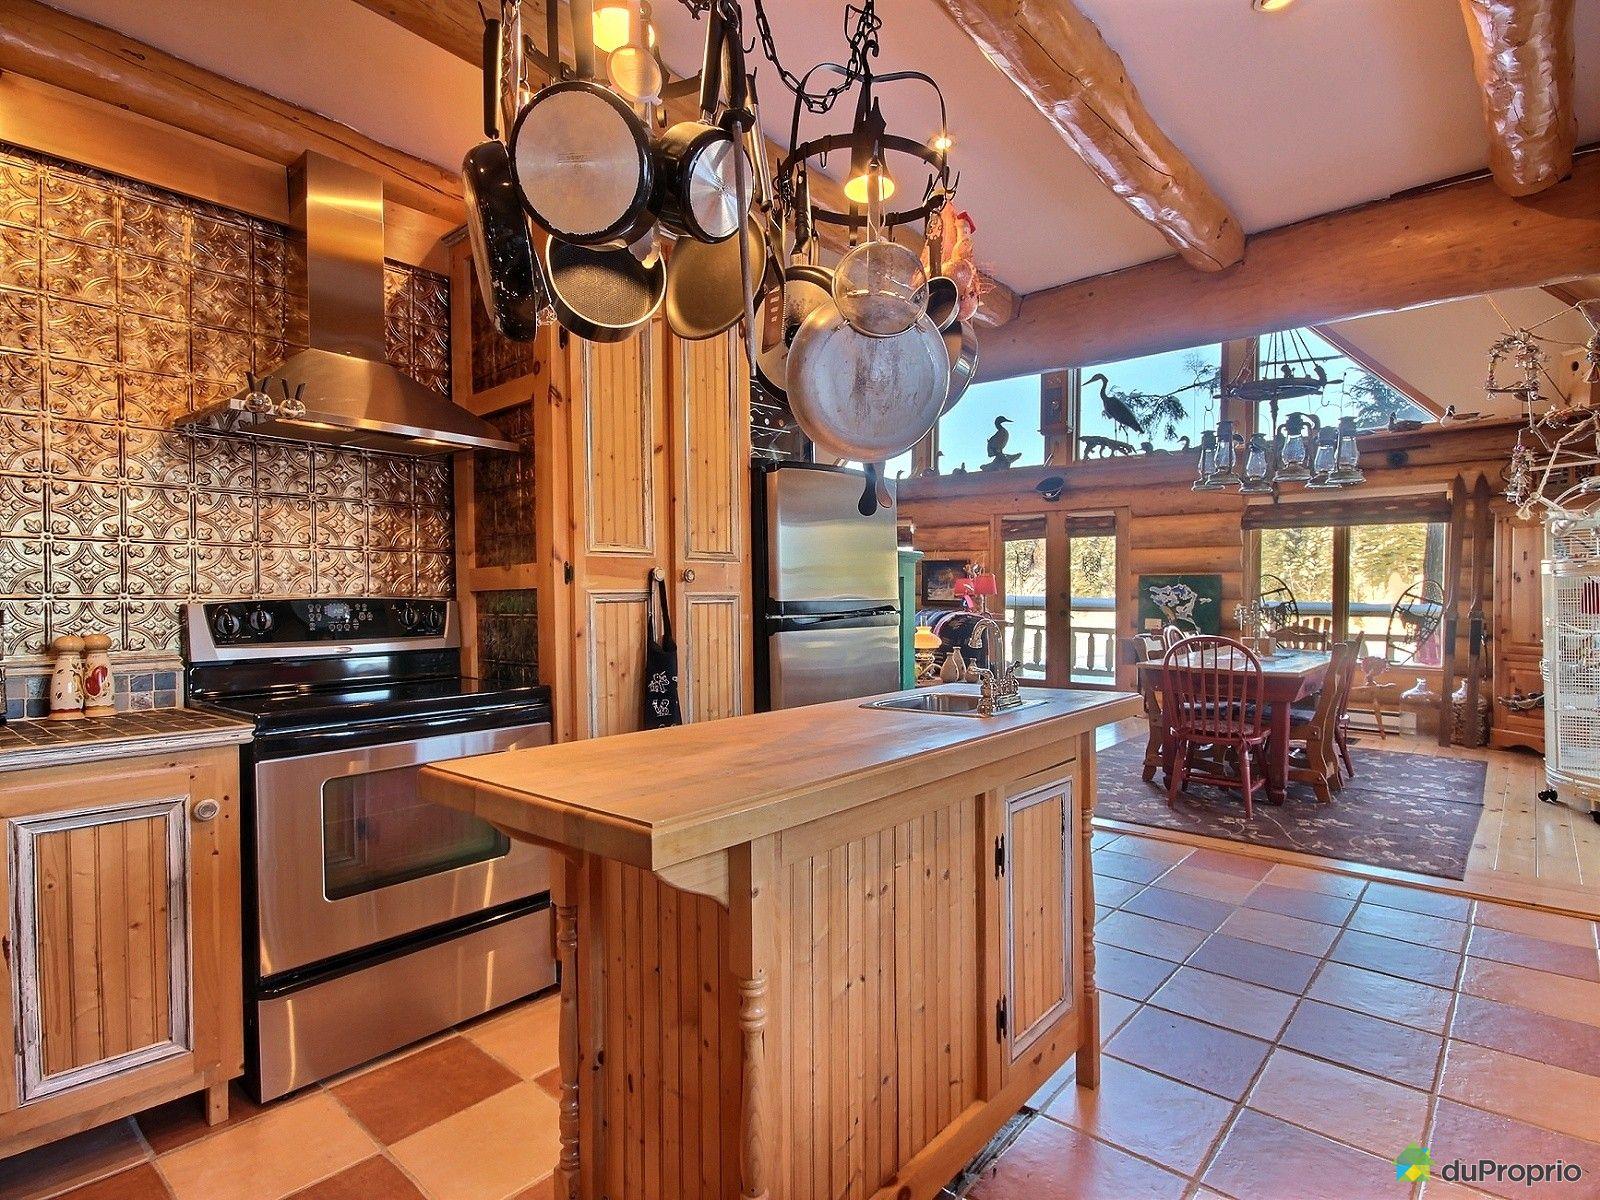 Interieur maison en bois rond - Decoratrice interieur maison a vendre ...